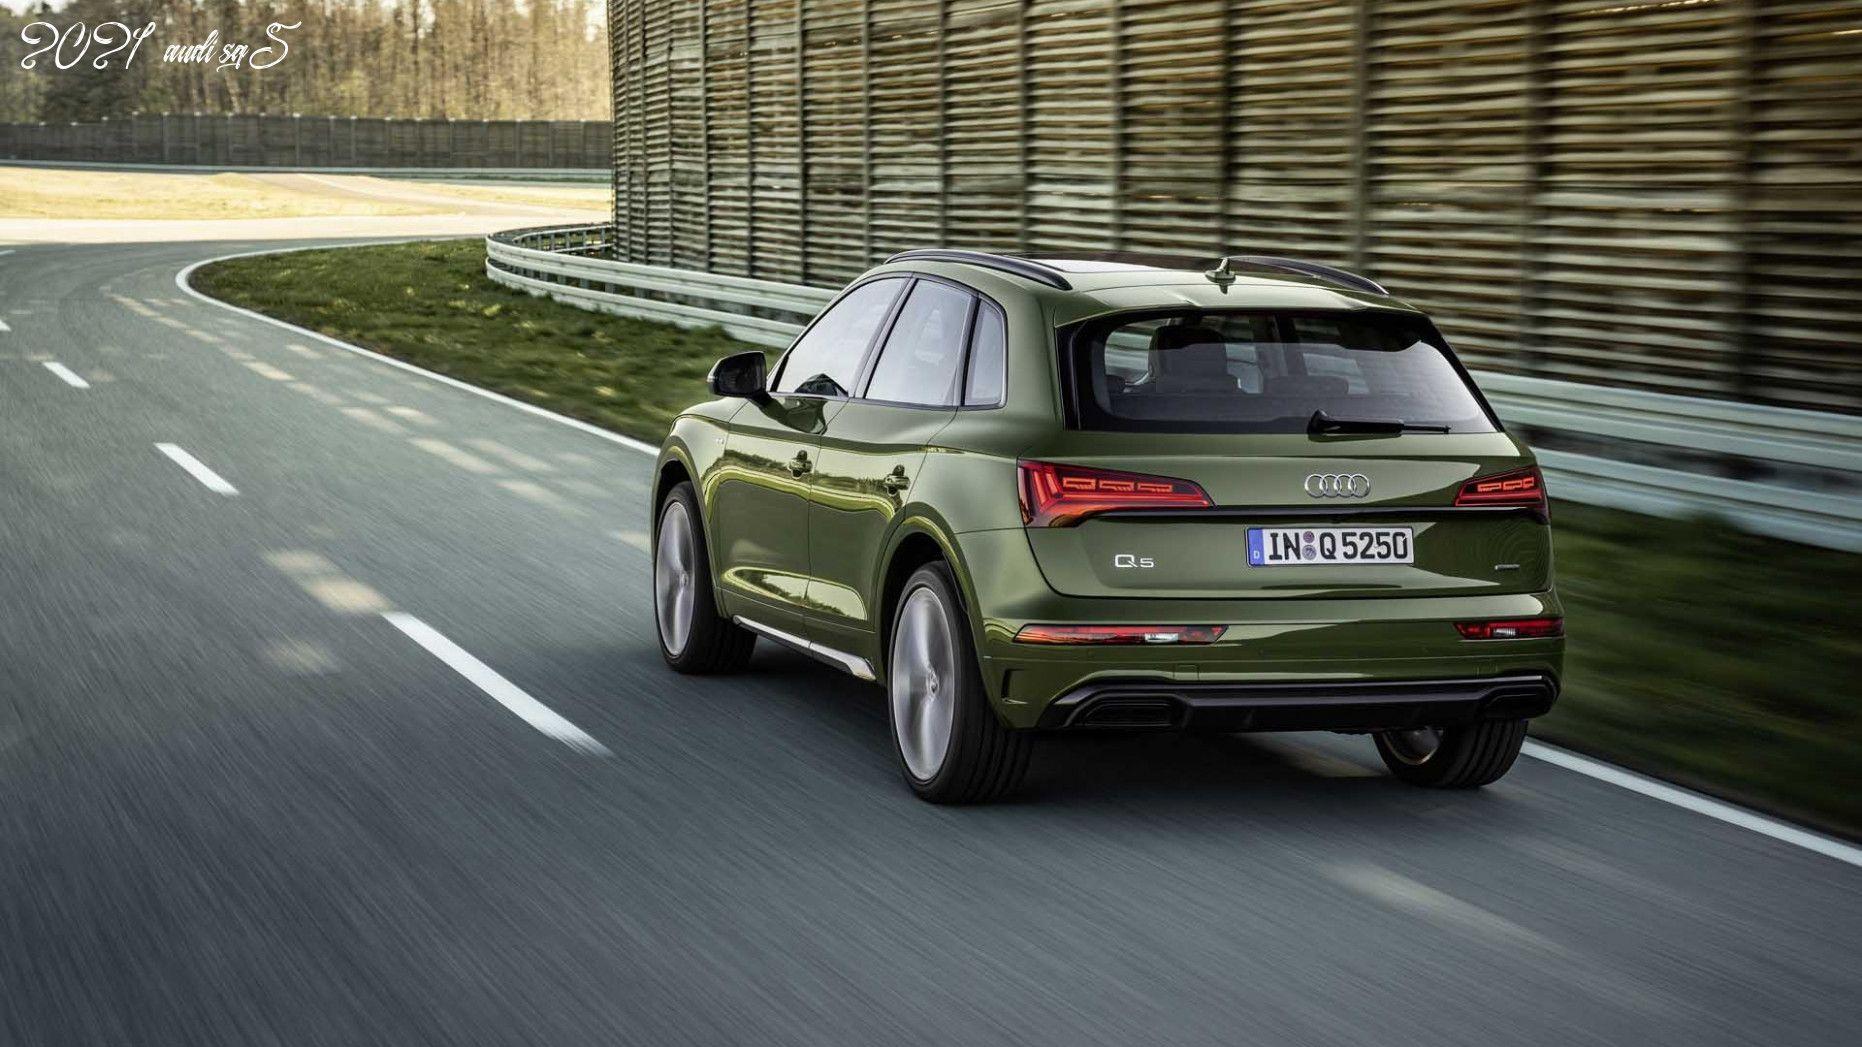 2021 Audi Sq5 In 2020 Audi Q5 Audi Audi Q5 Price